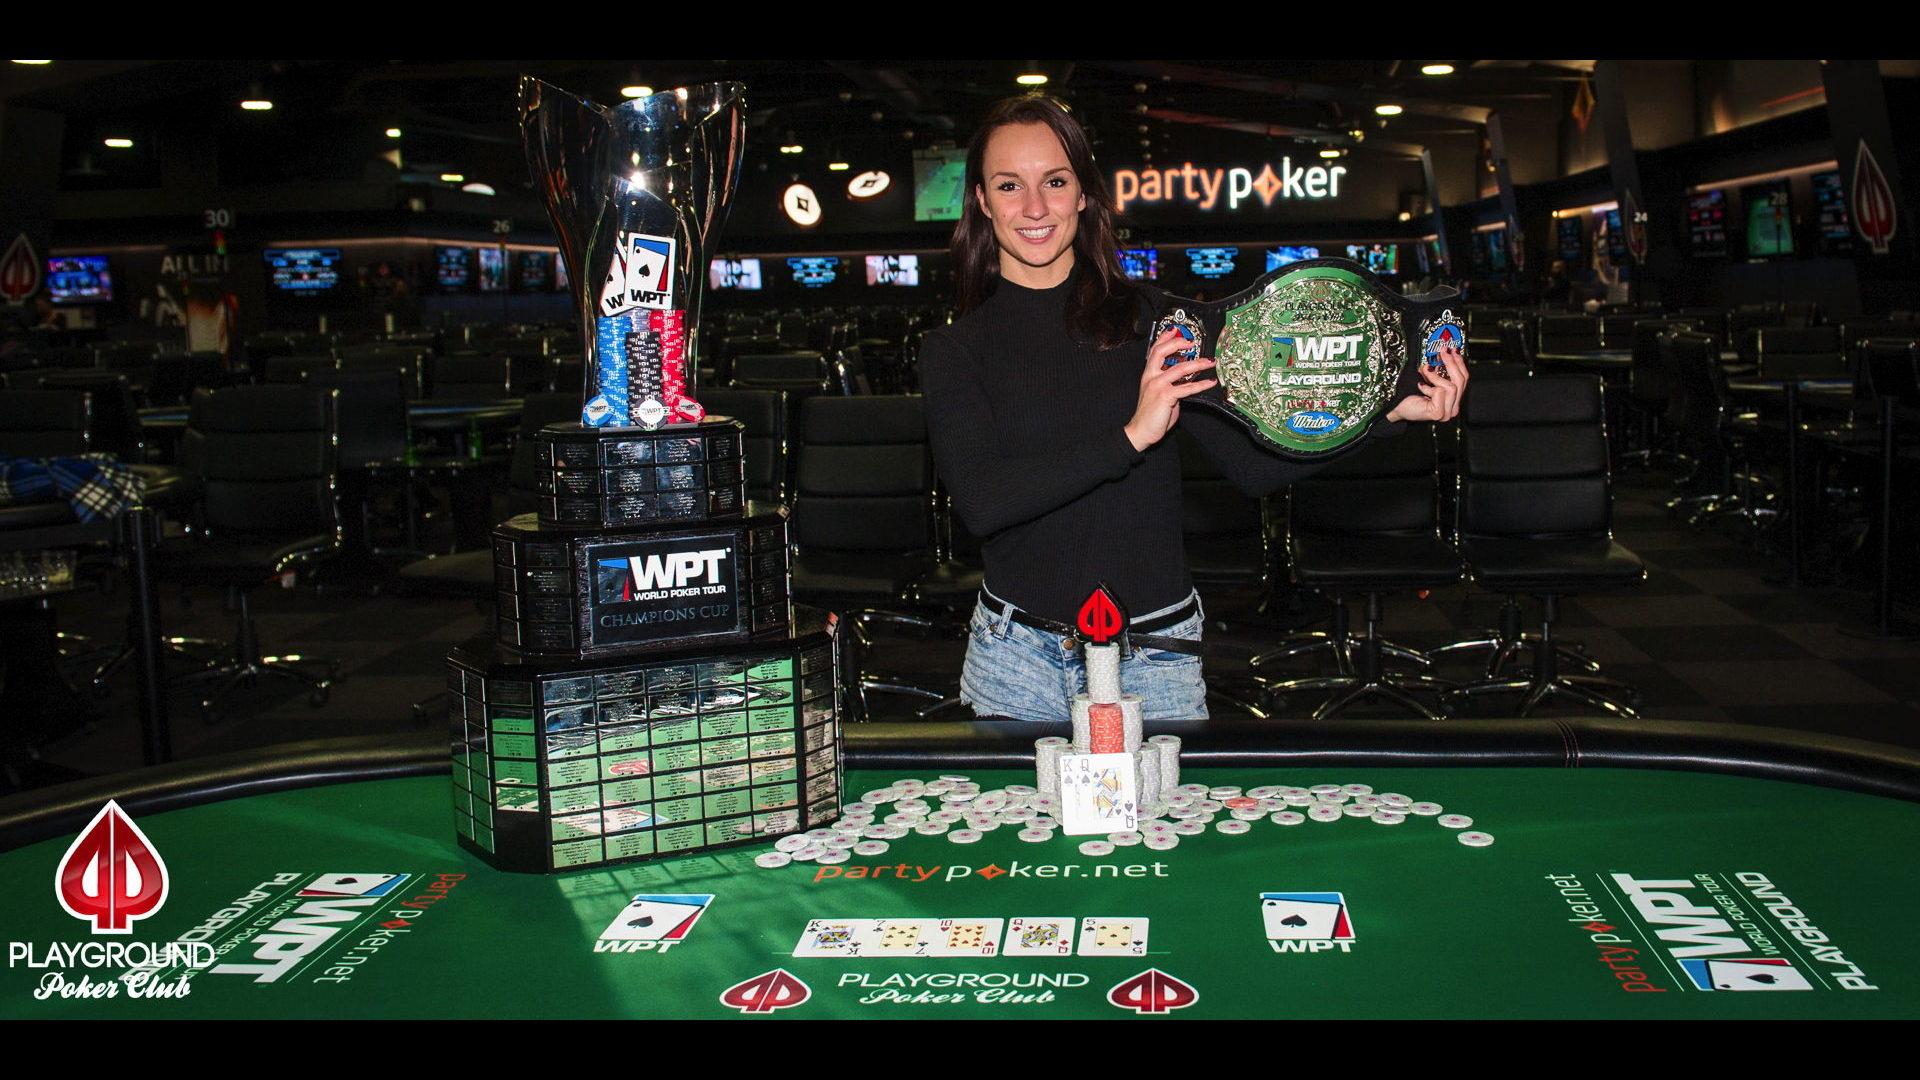 Ema Zajmovic makes history by winning WPT Playground!